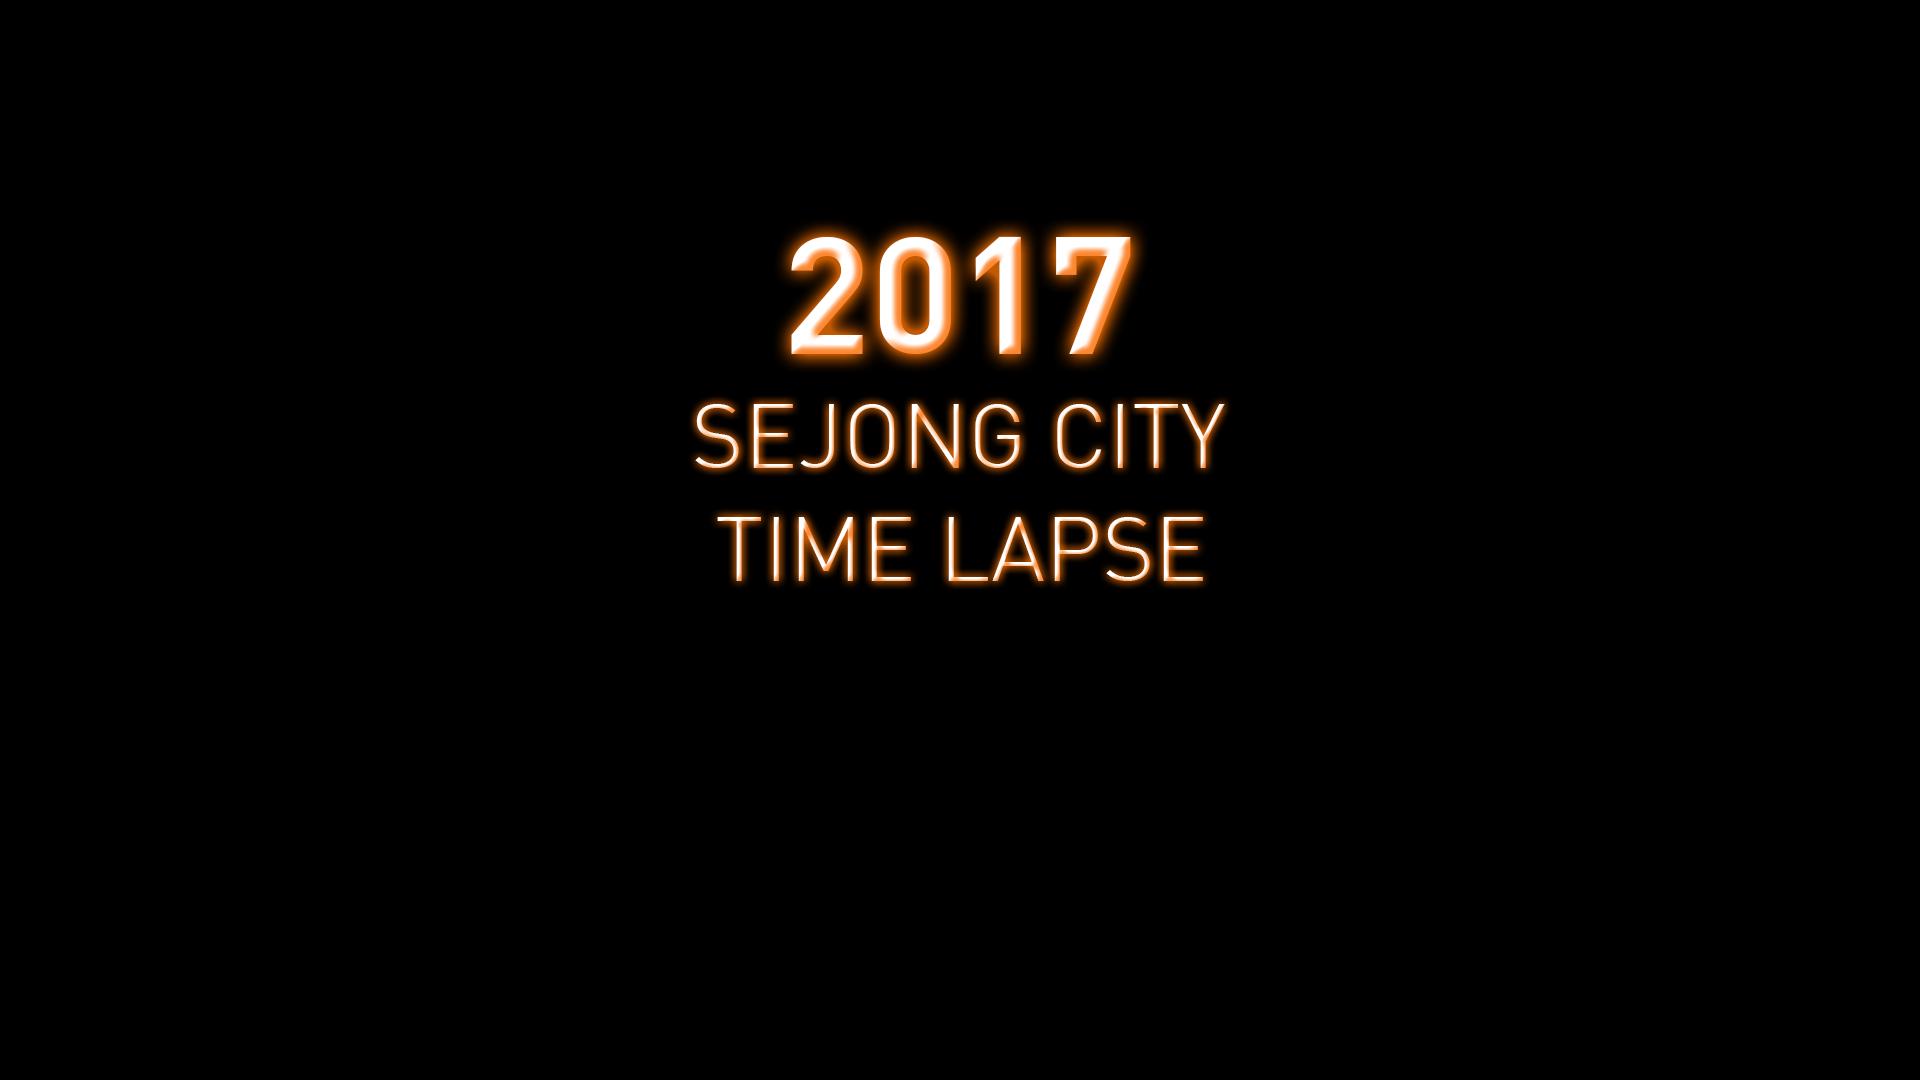 2017 세종시 TIME LAPSE